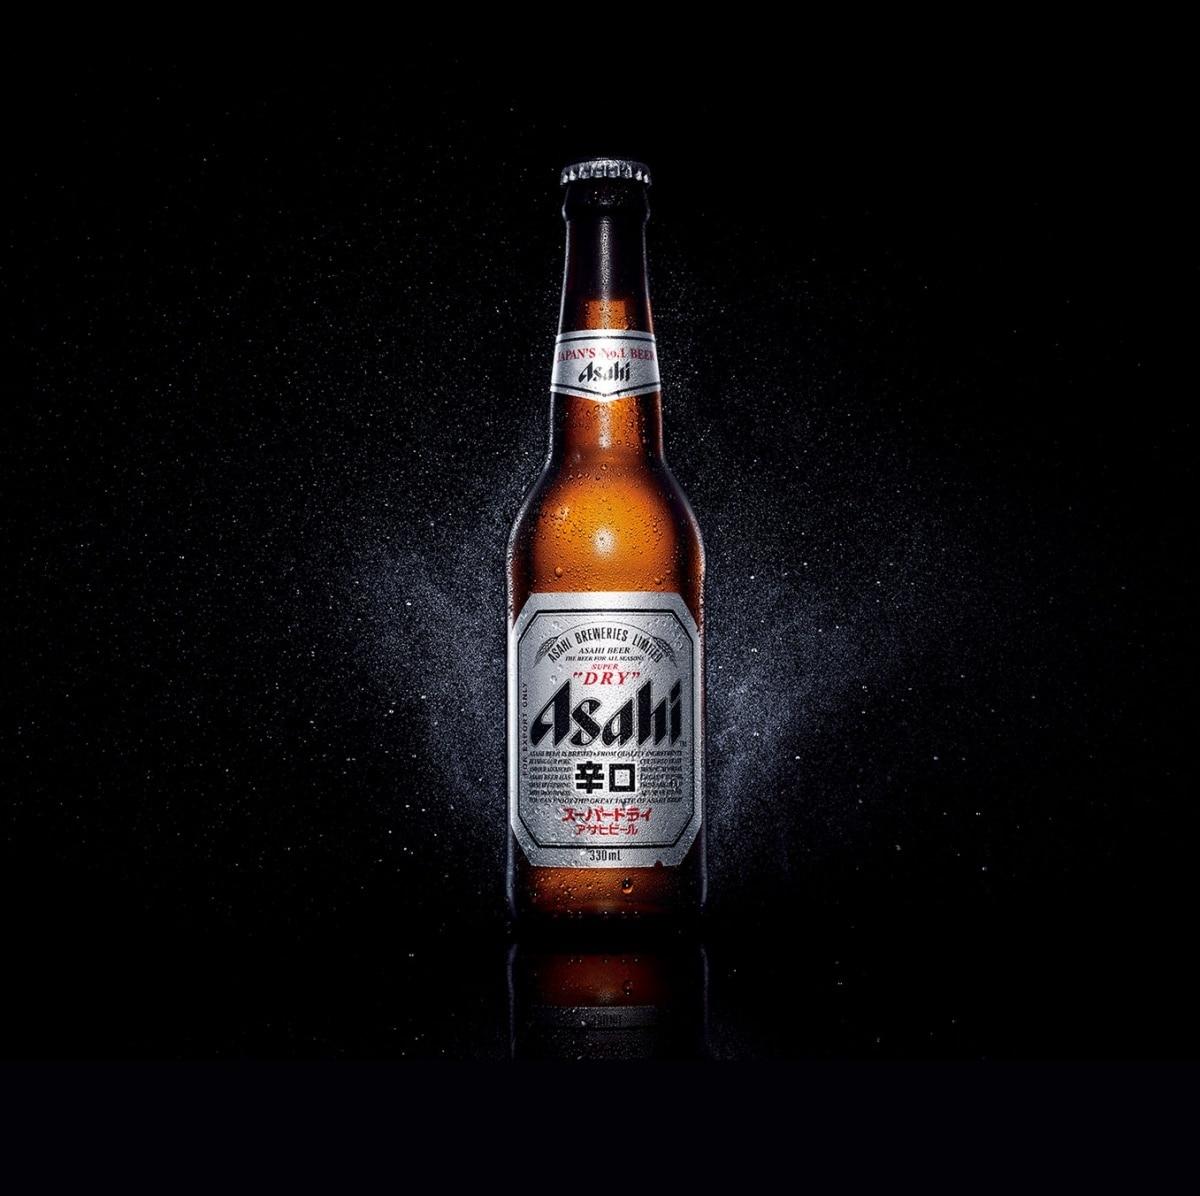 깔끔한 맛의 아사히 맥주